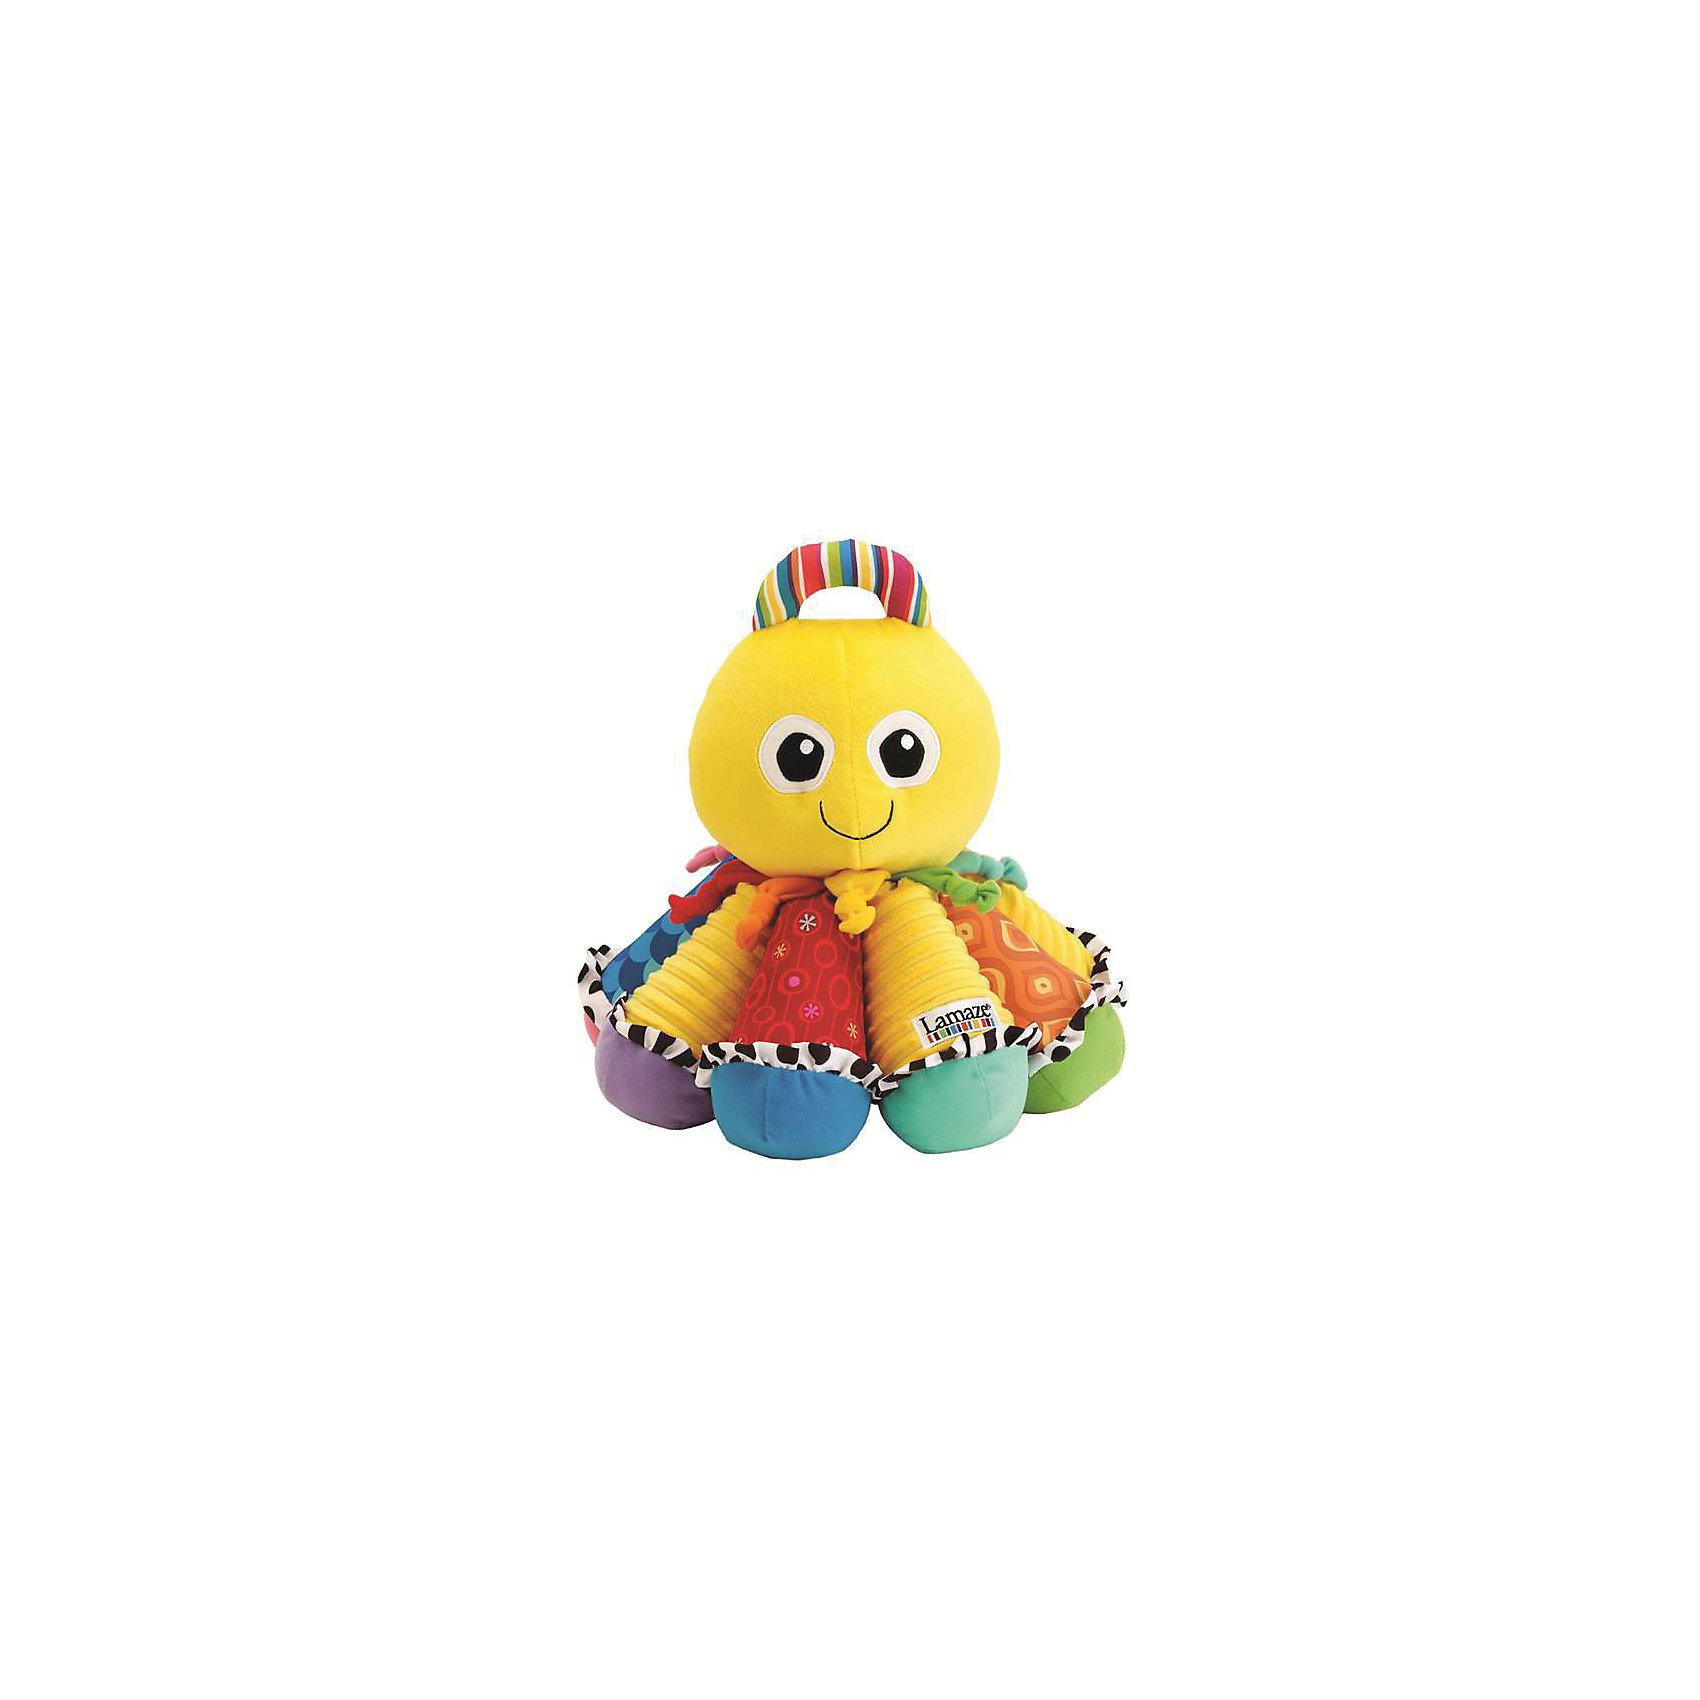 Игрушка Музыкальный Осьминожек, LamazeИгрушки для малышей<br>Яркая игрушка для самых маленьких обязательно полюбится крохе. Осьминожек выполнен из разноцветных материалов различной фактуры, что позволяет развивать мелкую моторику, сенсорное и цветовое восприятие. Каждая щупальца осьминога представляет собой одну из музыкальных нот. Поочередно нажимая на них, ваш малыш может придумывать свои собственные мелодии. Так же веселый осьминожка имеет пищалки, прорезыватели и удобную ручку в верхней части, за которую его можно носить или подвешивать. Игрушка выполнена из высококачественных материалов, безопасных для детей. Имеет приятный  аромат ванили.<br><br>Дополнительная информация:<br><br>- Материал: текстиль.<br>- Размер: 25,4 х 25,4 х 31,5 см<br>- Цвет: желтый, разноцветный.<br>- Звуковые эффекты: есть.<br>- Пищалка, прорезыватели. <br>- Батарейки не требуются.<br><br>Игрушку Музыкальный Осьминожек, Lamaze можно купить в нашем магазине.<br><br>Ширина мм: 310<br>Глубина мм: 220<br>Высота мм: 310<br>Вес г: 740<br>Возраст от месяцев: 0<br>Возраст до месяцев: 24<br>Пол: Унисекс<br>Возраст: Детский<br>SKU: 1860557